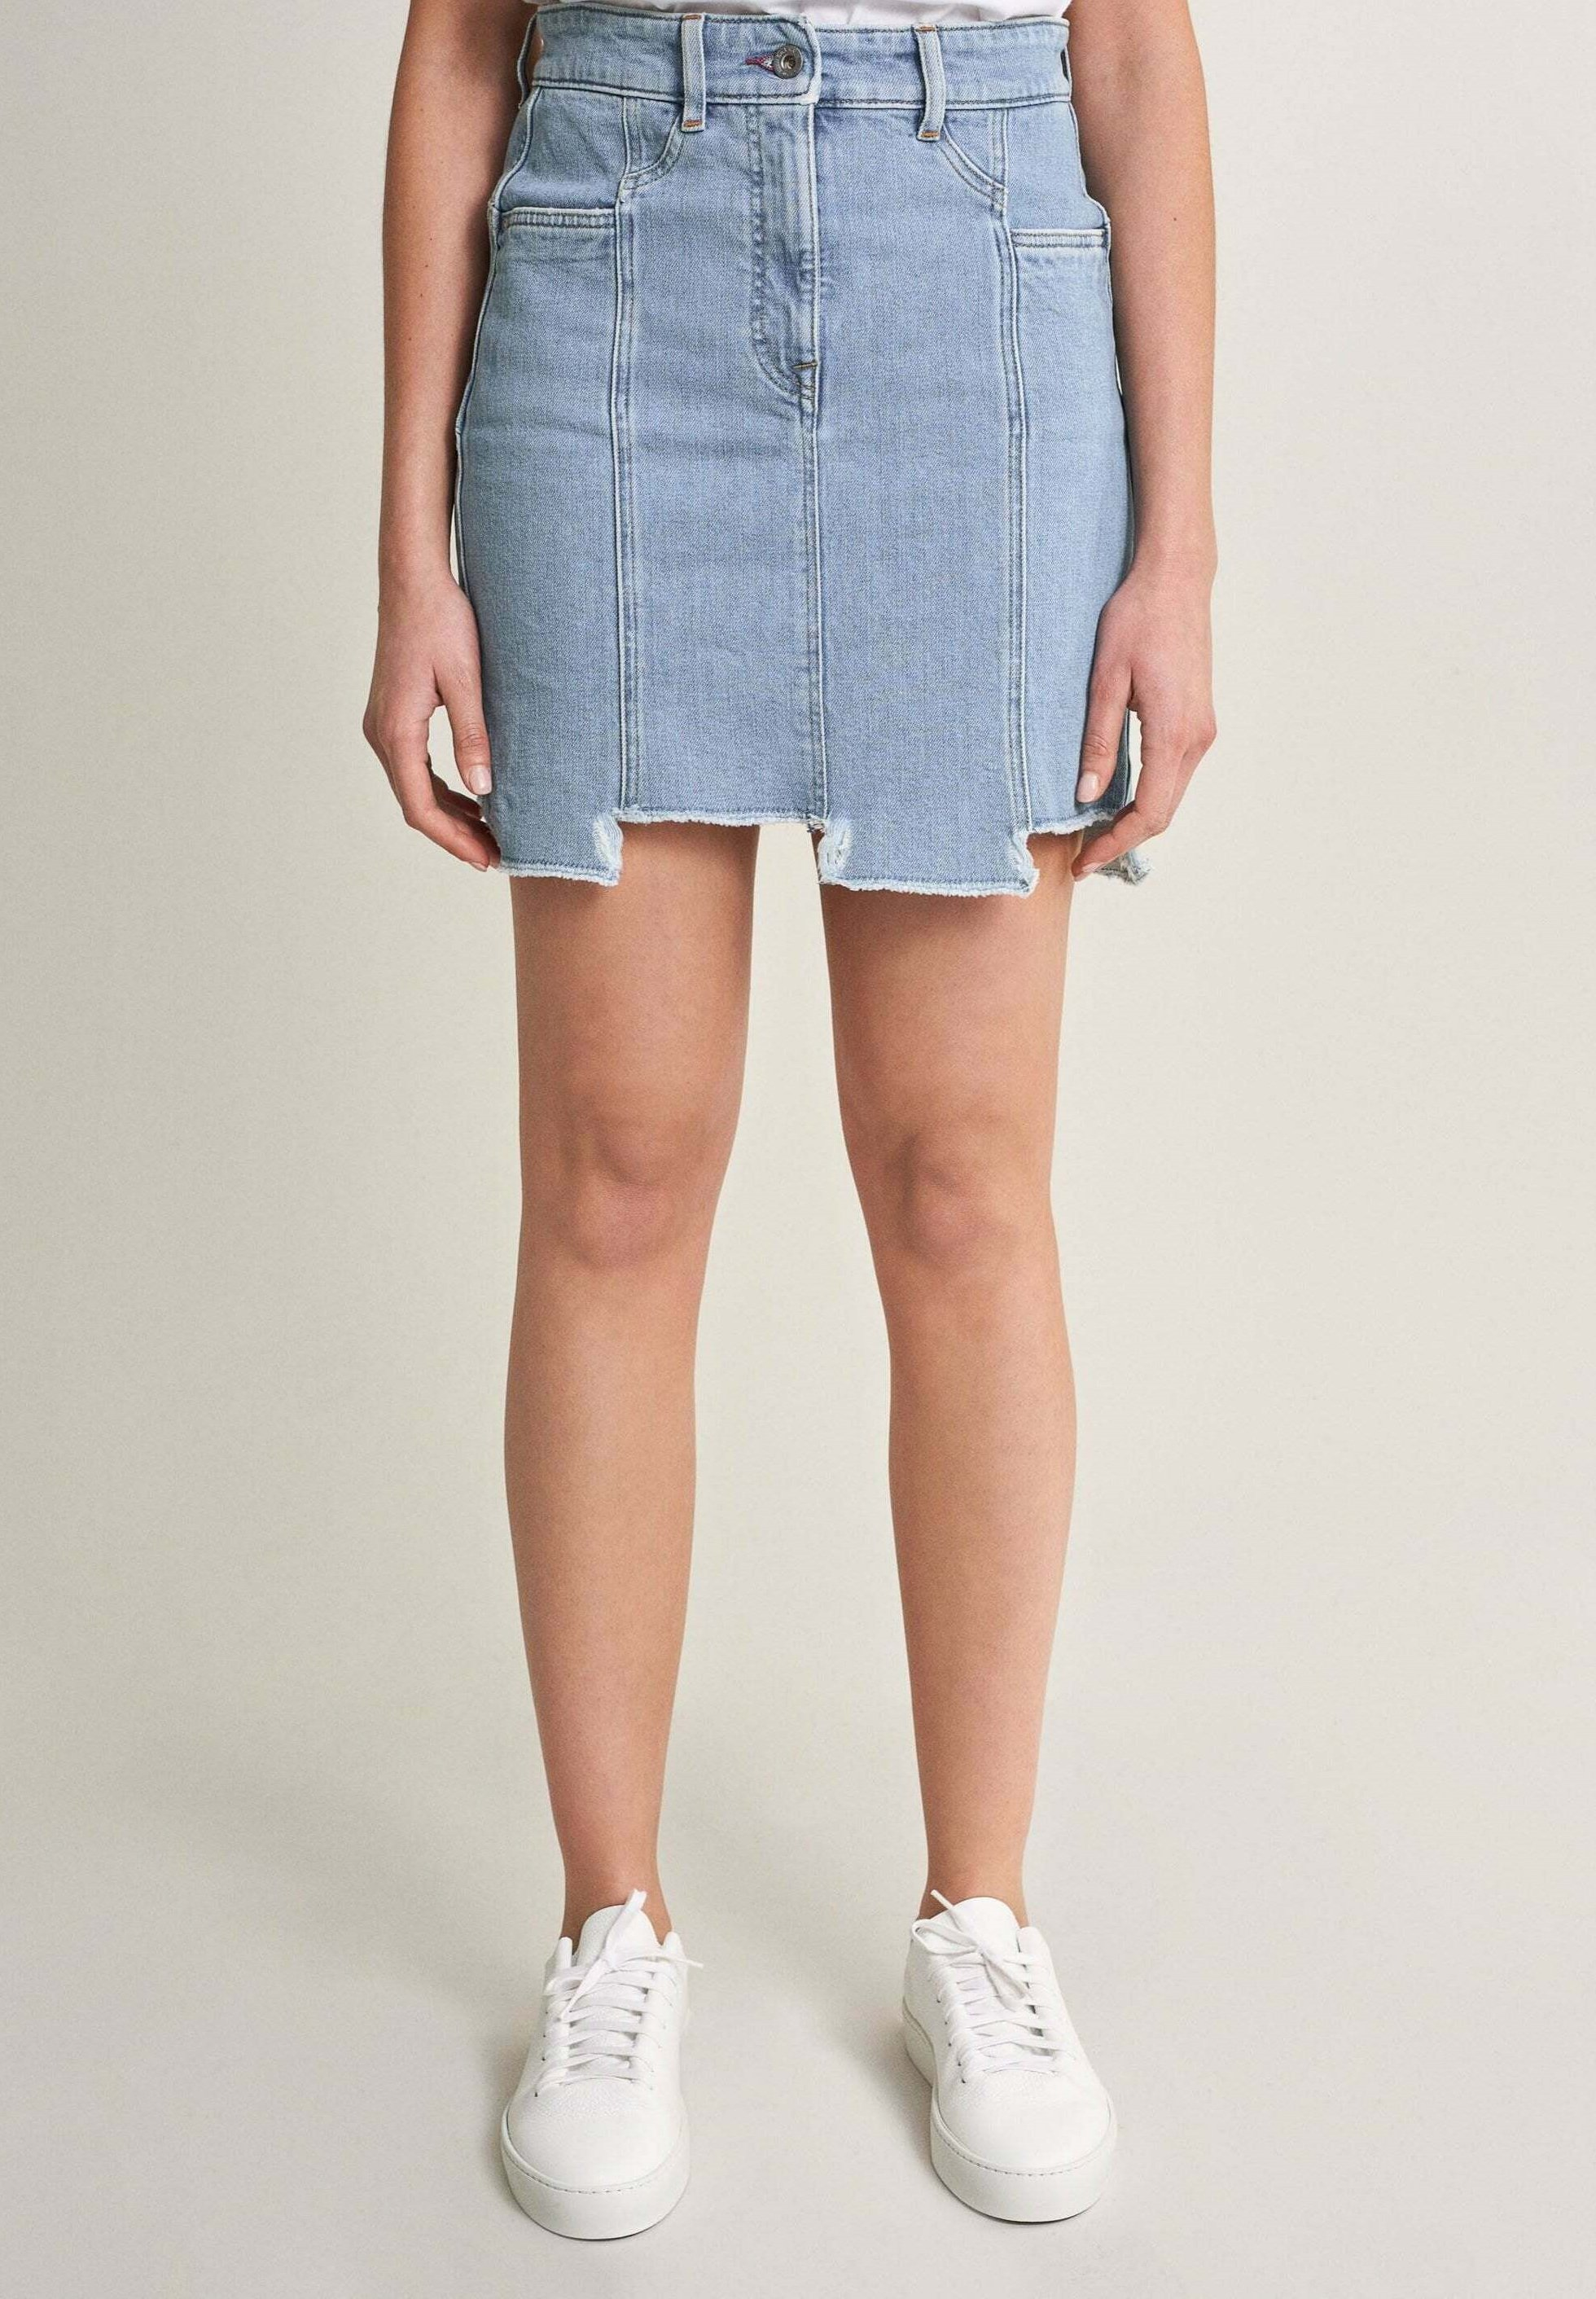 Femme GLAMOUR   - Jupe en jean - blau